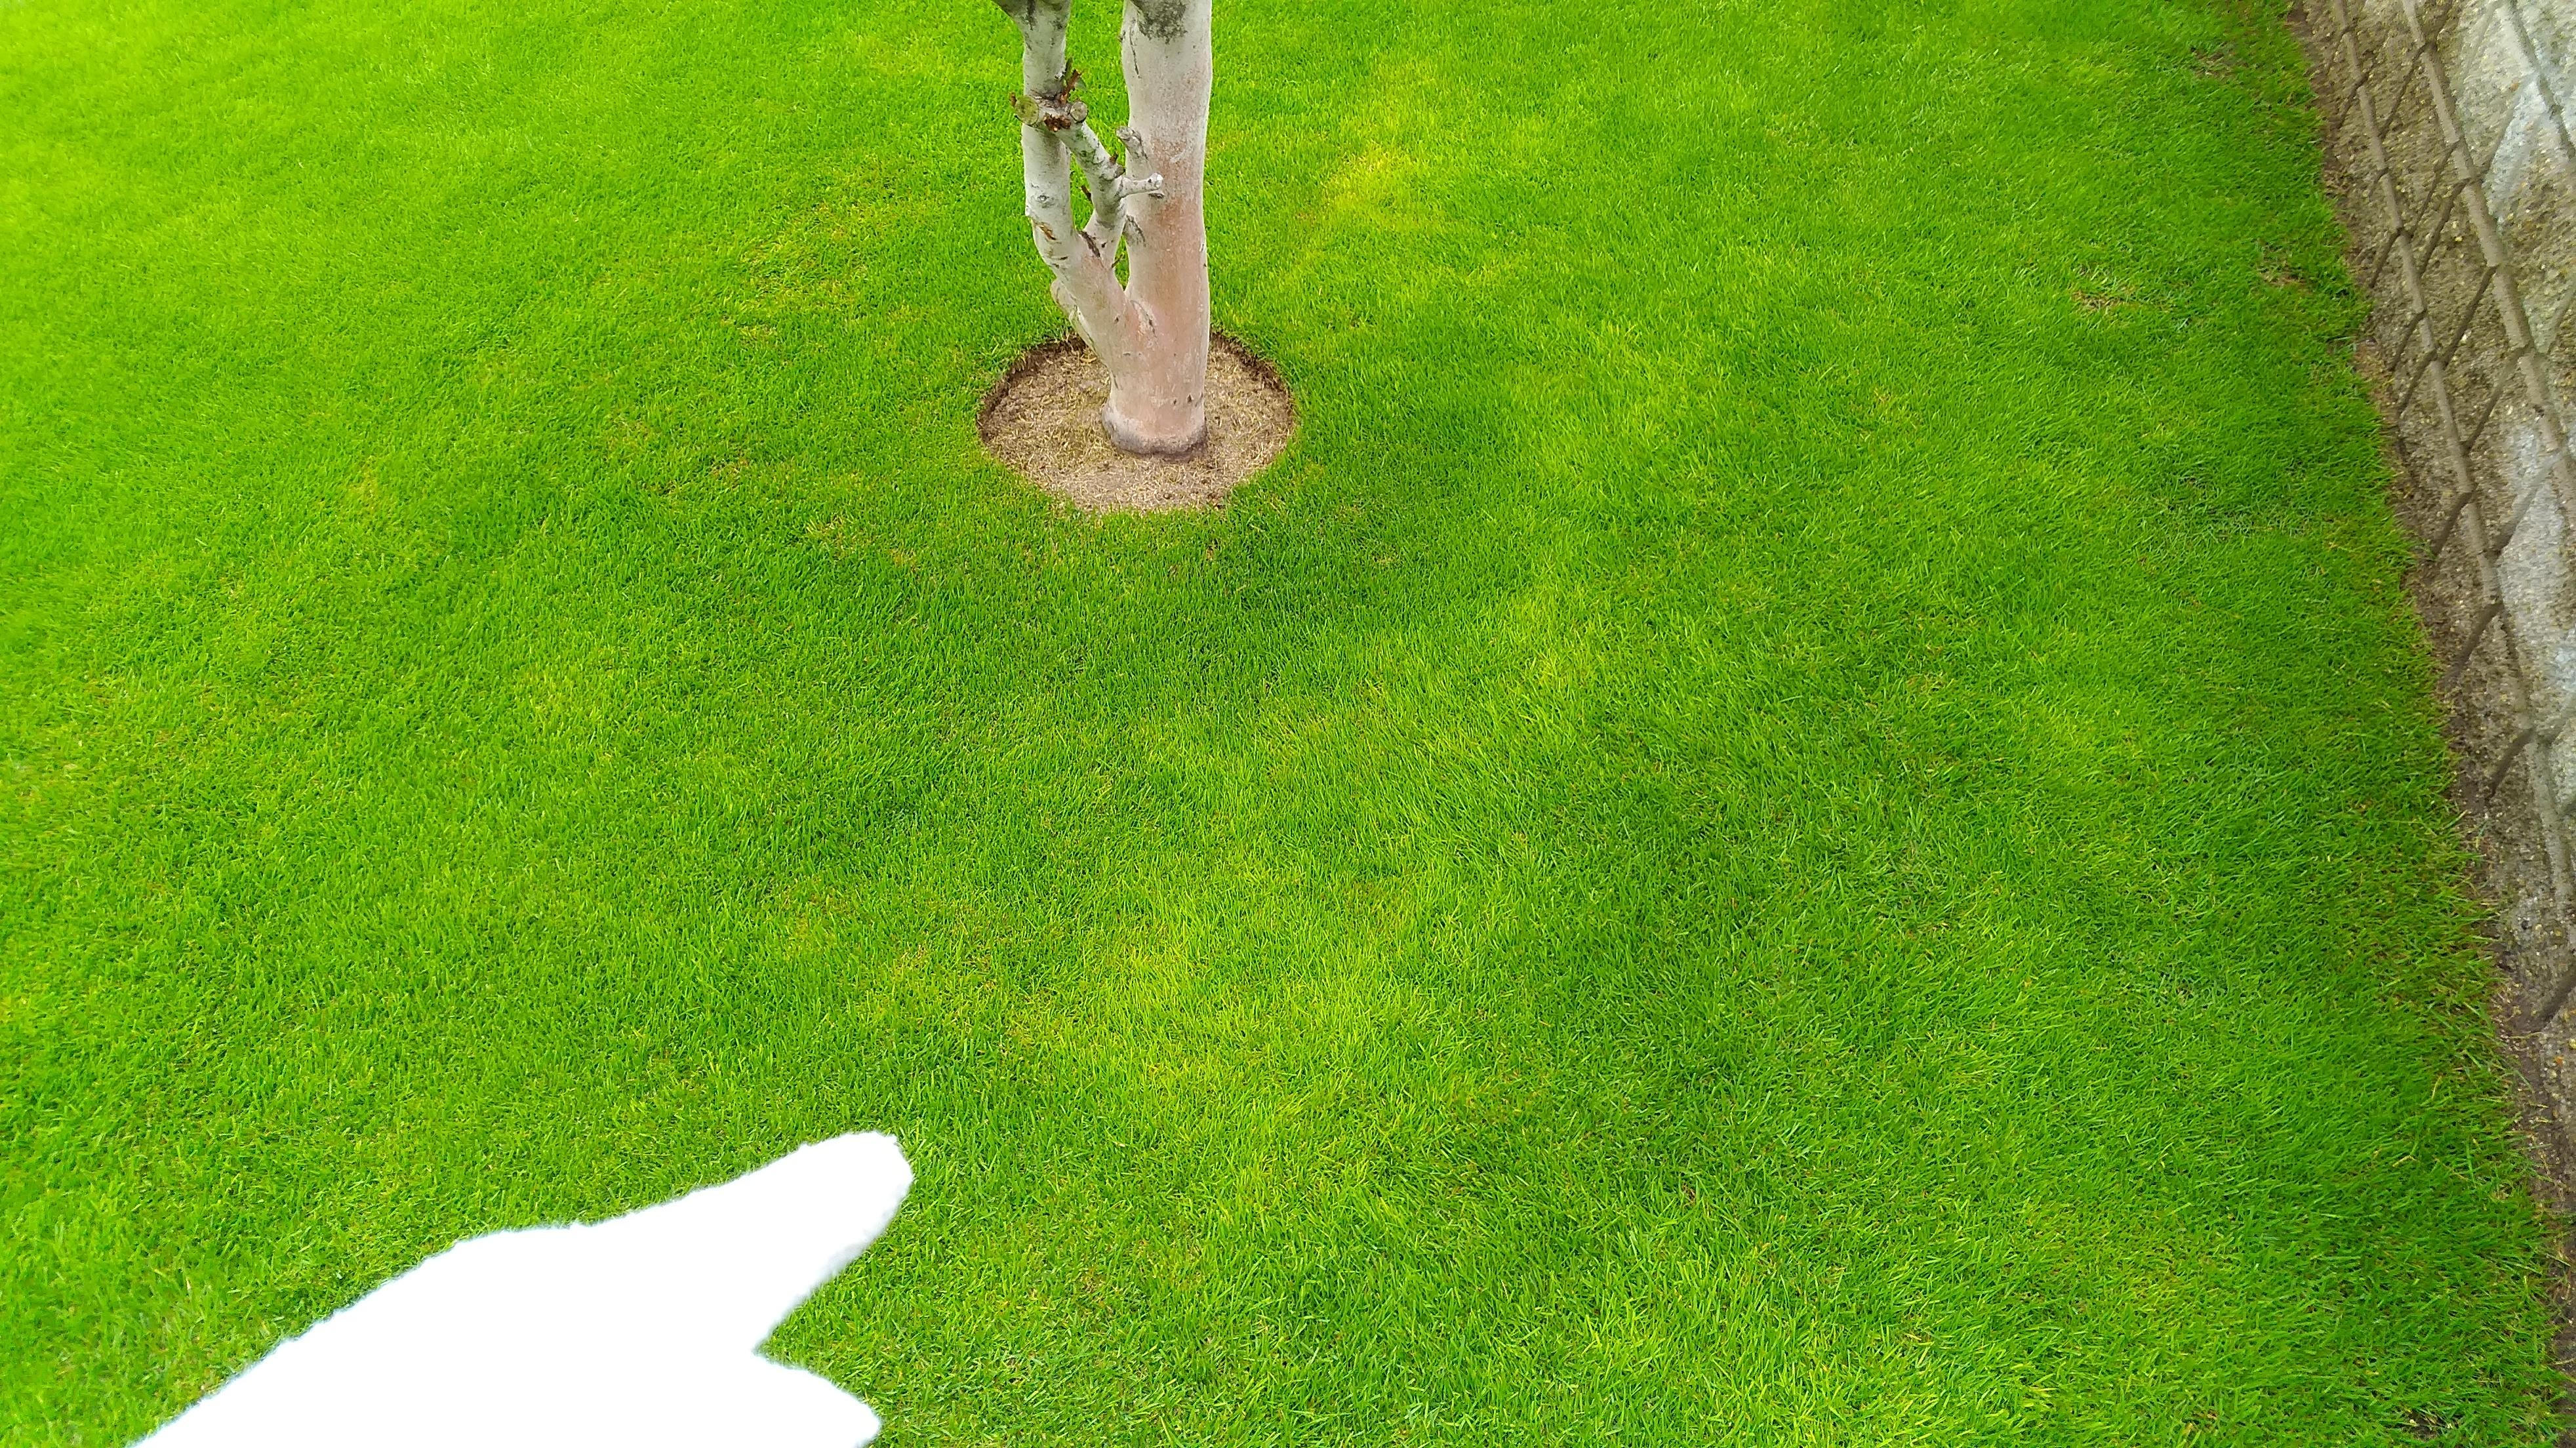 芝生の黄化する原因を分かりやすく解説😃✨